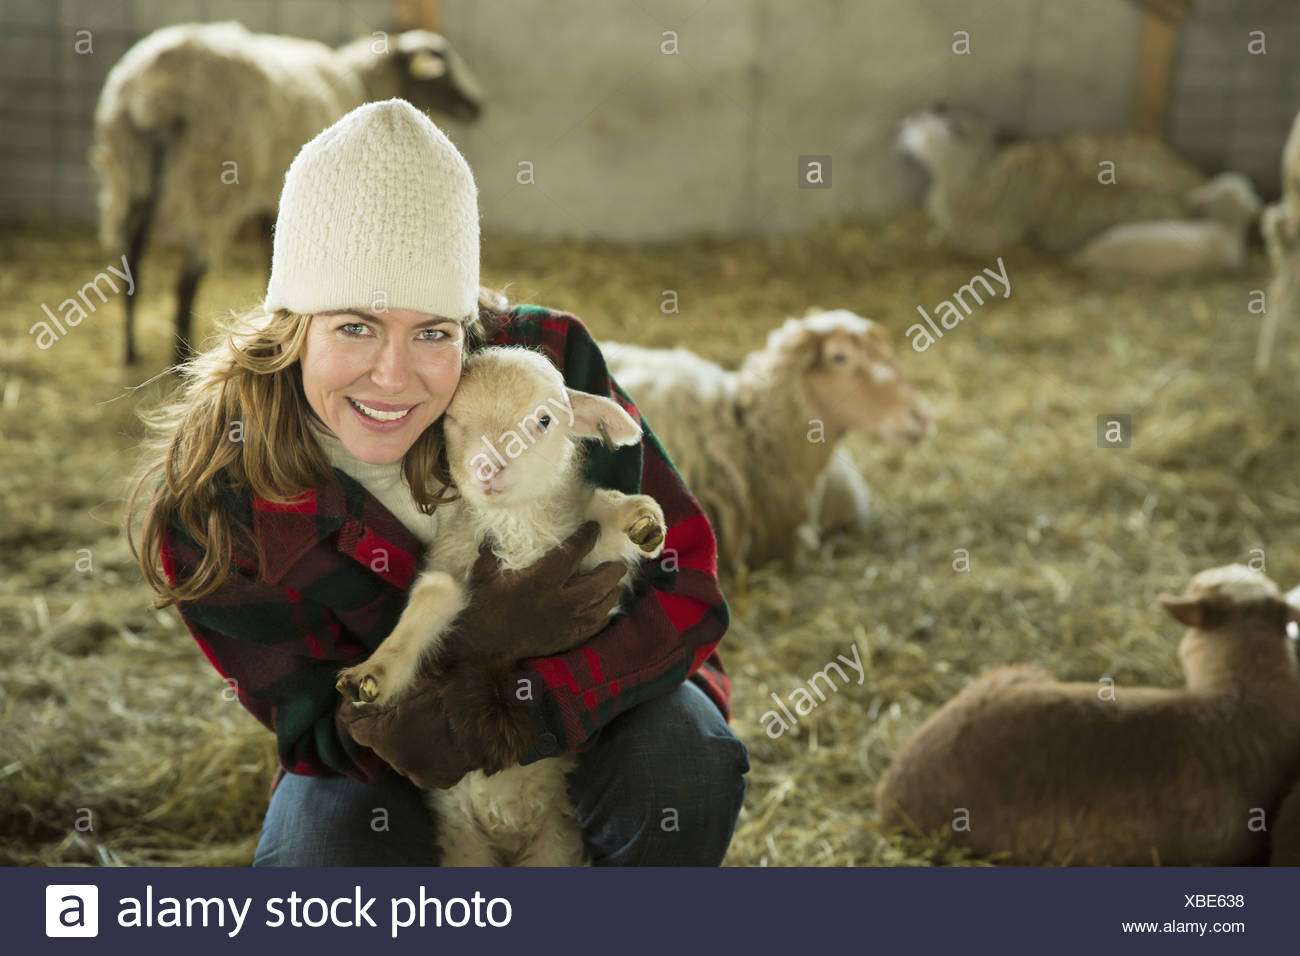 Un agriturismo biologico in inverno in Cold Spring nello Stato di New York una famiglia lavorando la cura per il bestiame di una donna che tiene una piccola agnello Immagini Stock